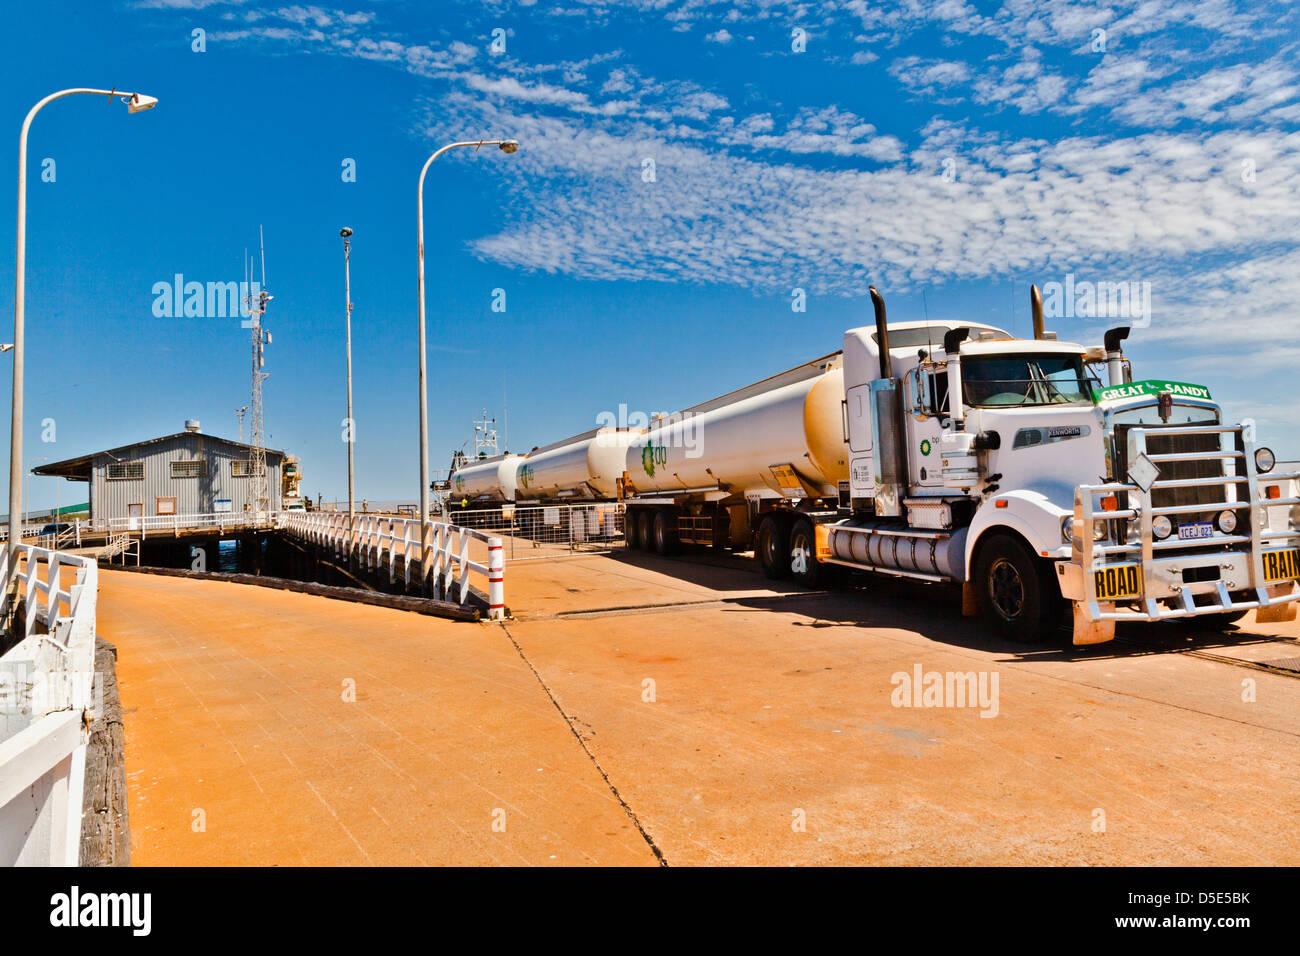 Australien, Western Australia, Derby, Tanker Lastzug auf Derby wharf Stockbild